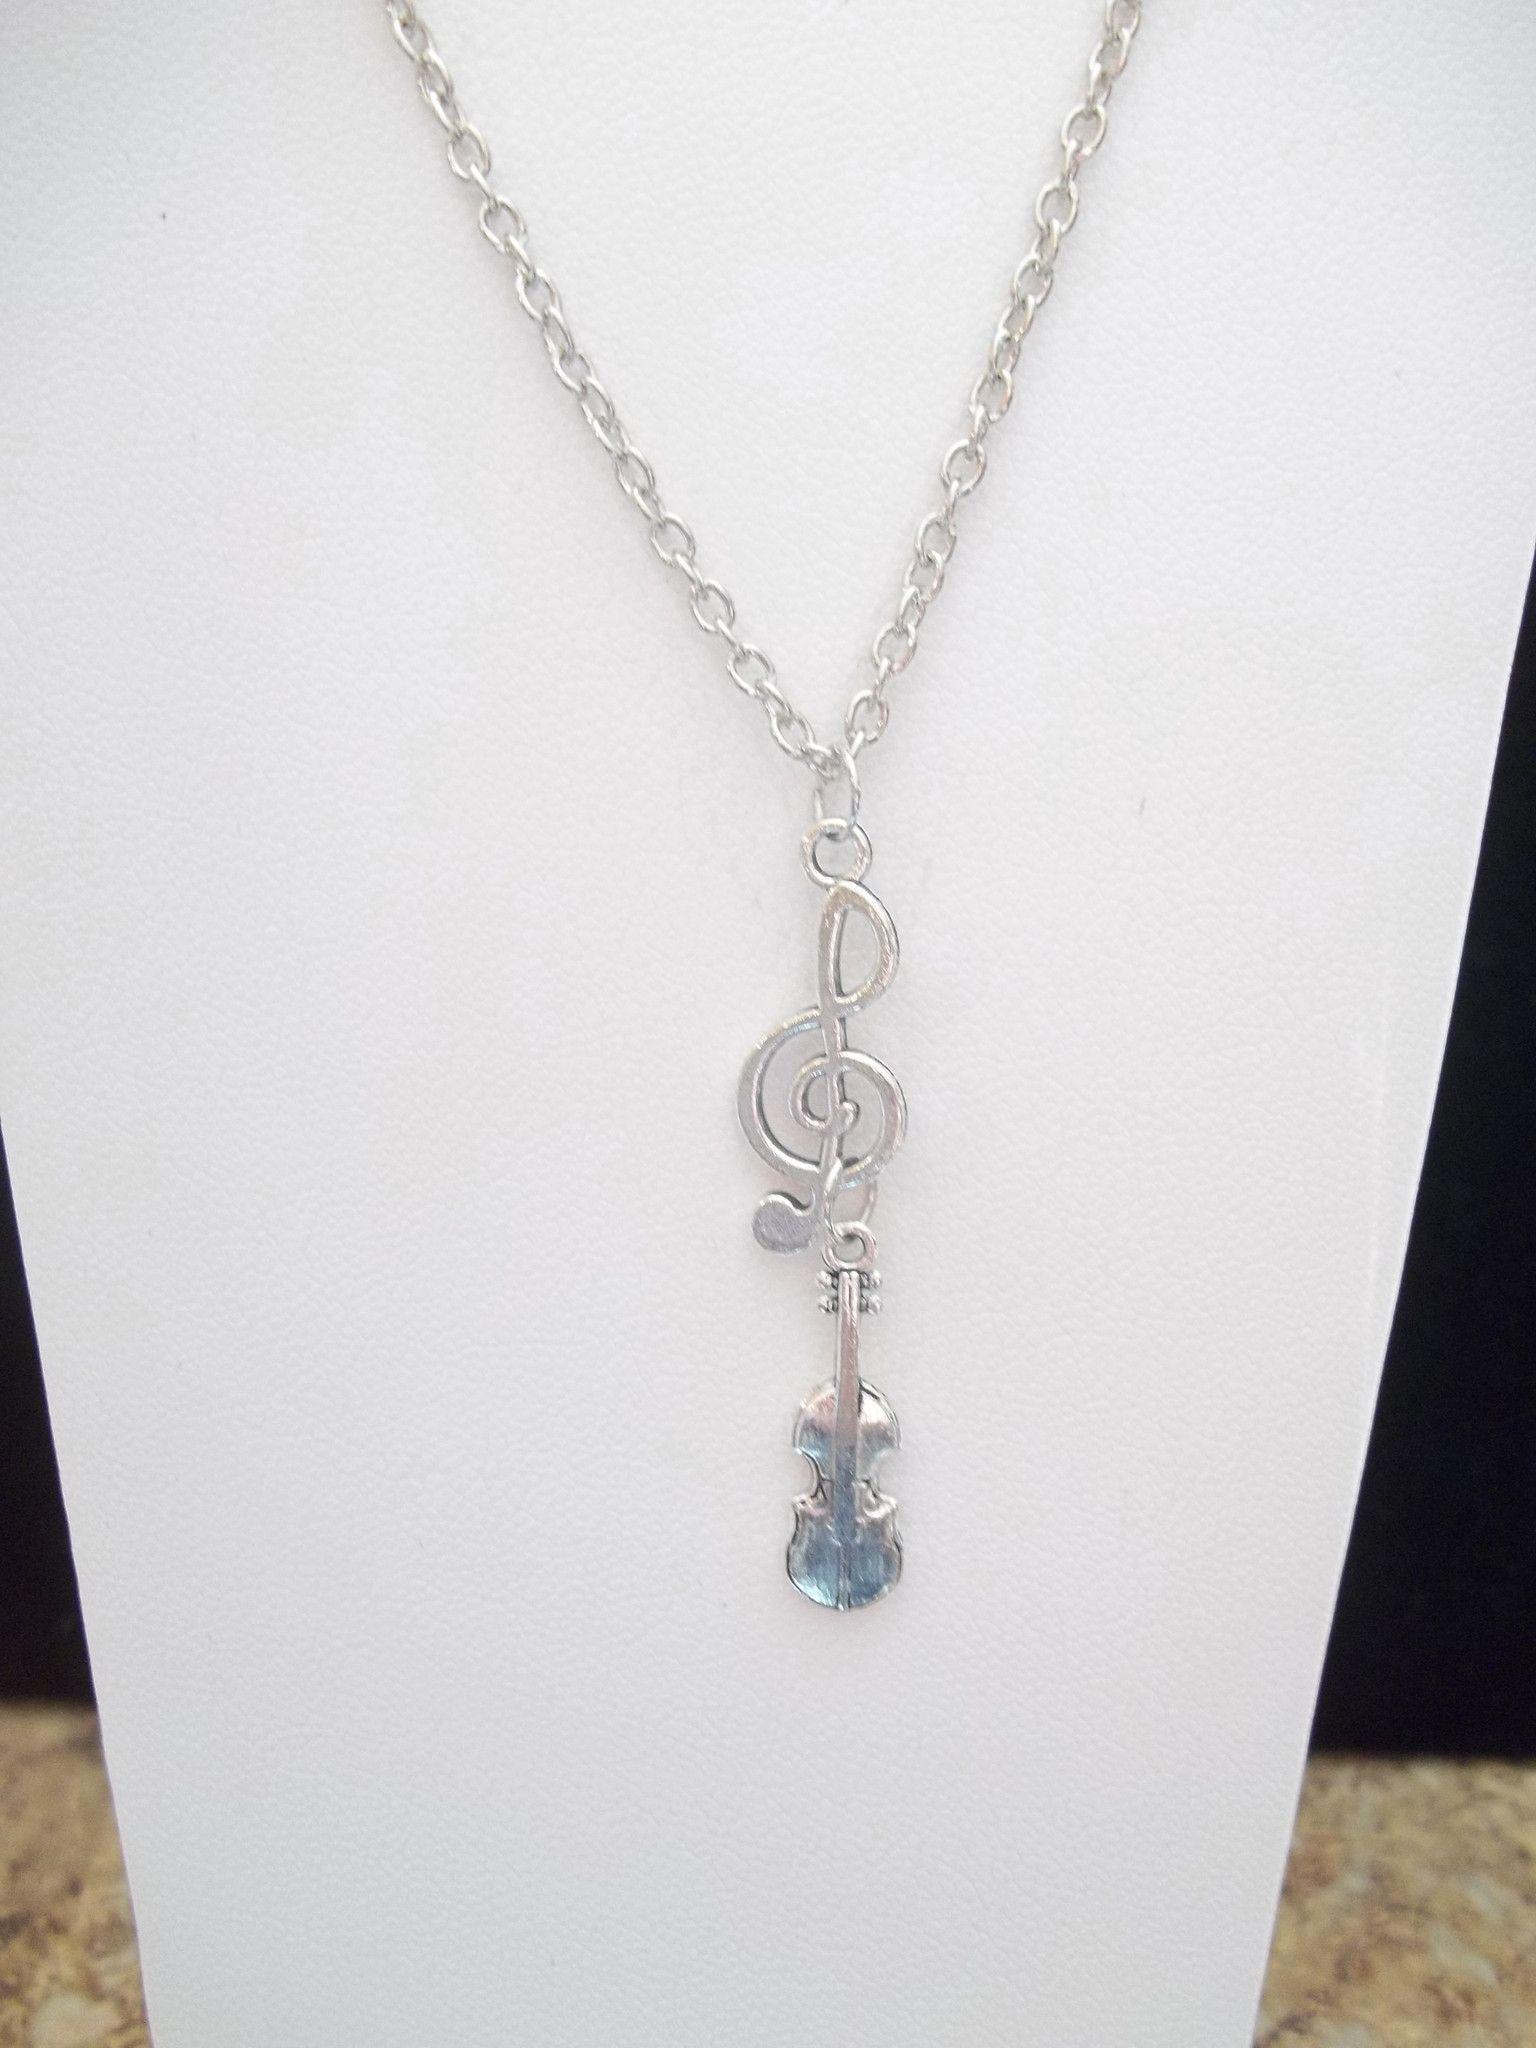 Silver Clef w/Violin Necklace